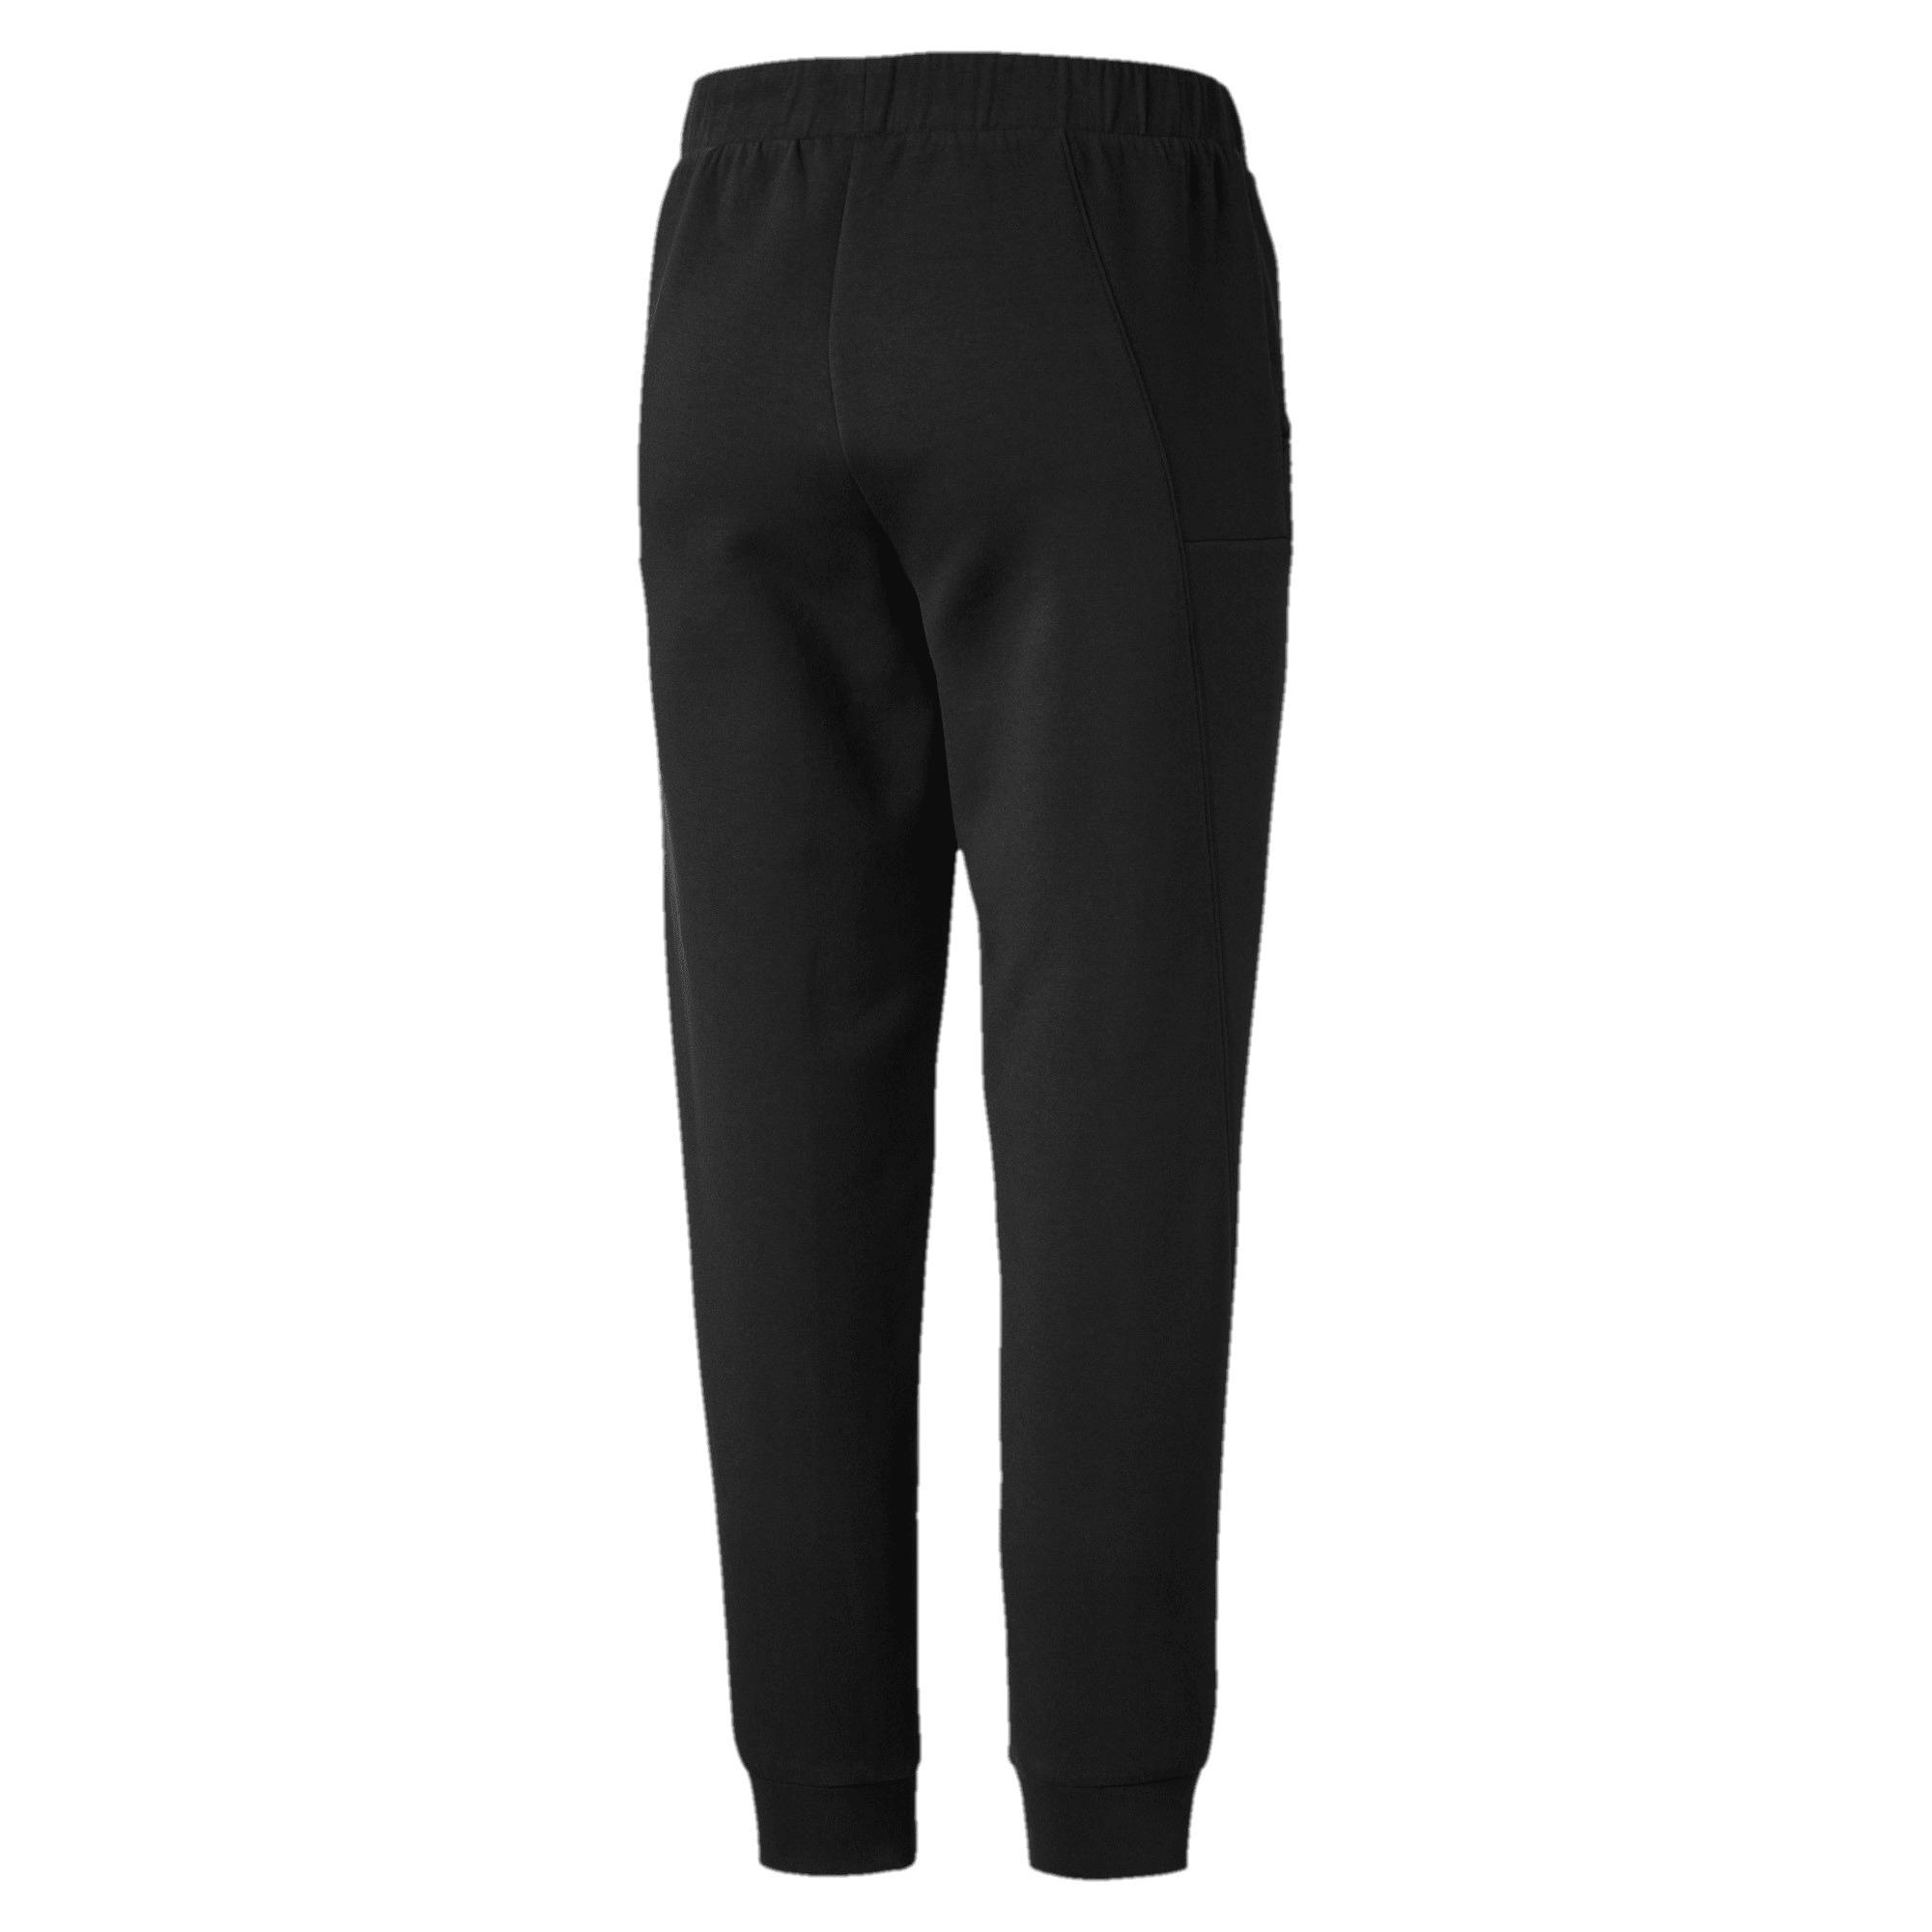 Thumbnail 5 of Ferrari Women's Sweatpants, Puma Black, medium